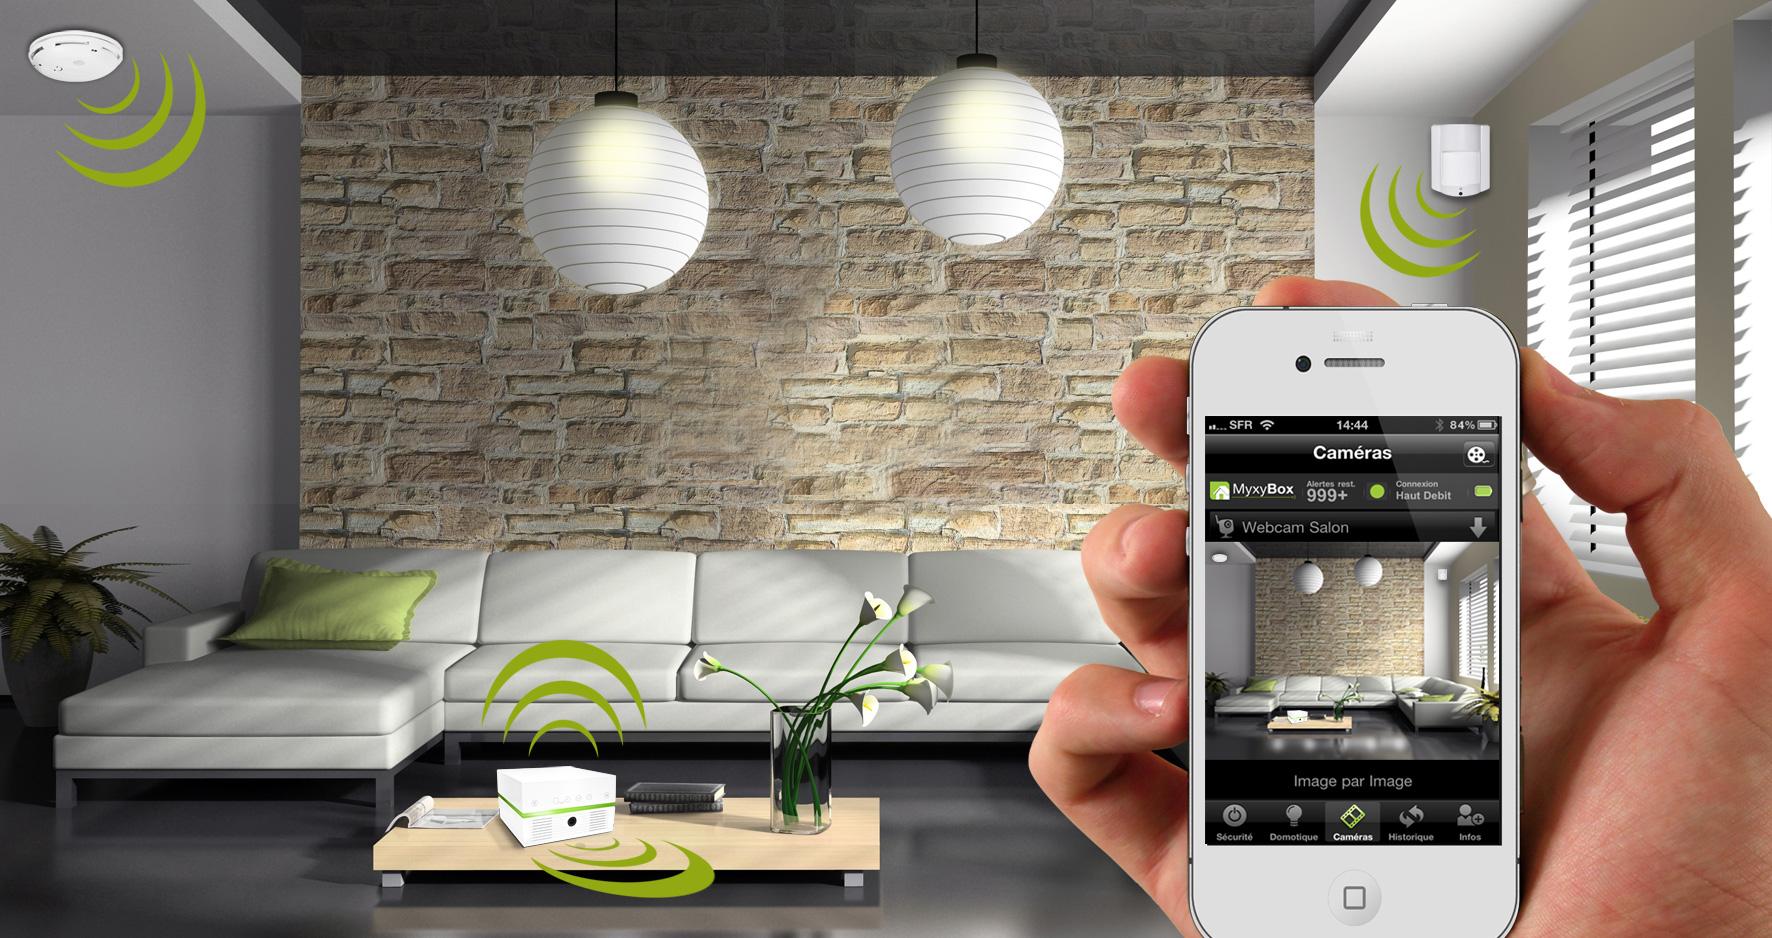 les objets connect s dans la maison ce que vous devez conna tre monde public. Black Bedroom Furniture Sets. Home Design Ideas